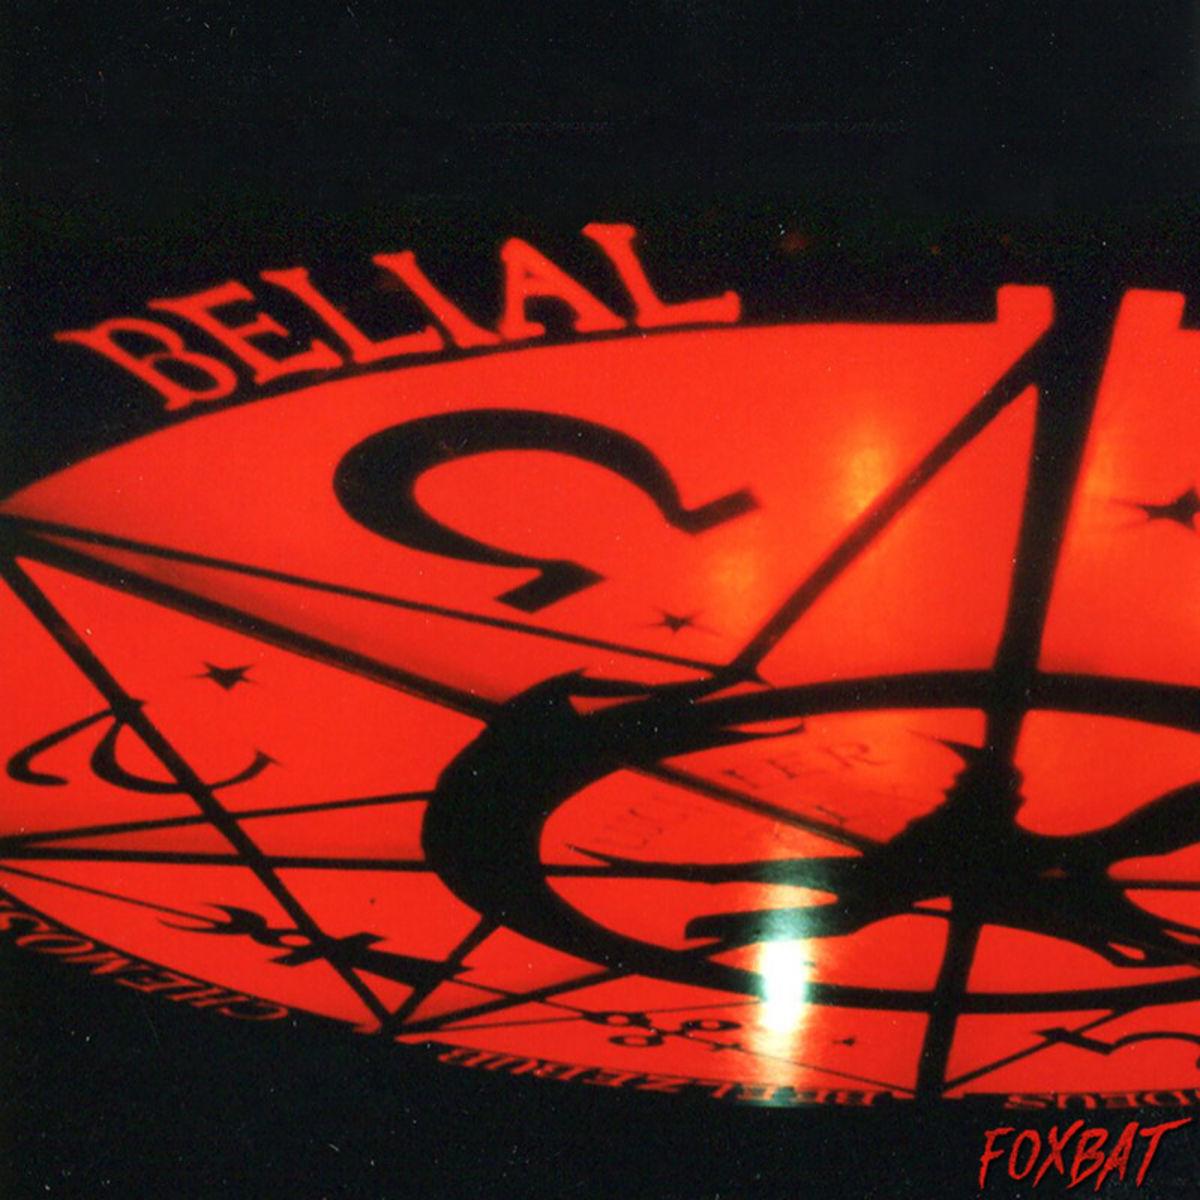 Foxbat - Belial [single] (2019)